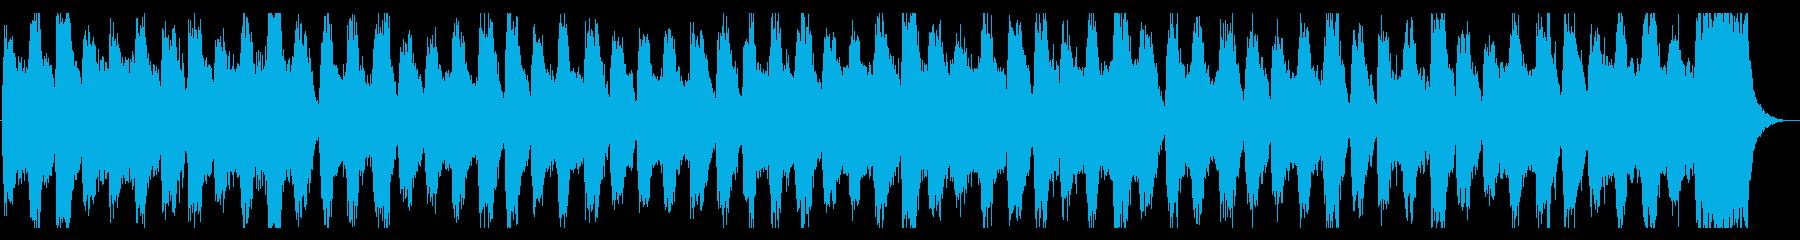 神々しい✡都市伝説に✡合いそうなクワイアの再生済みの波形